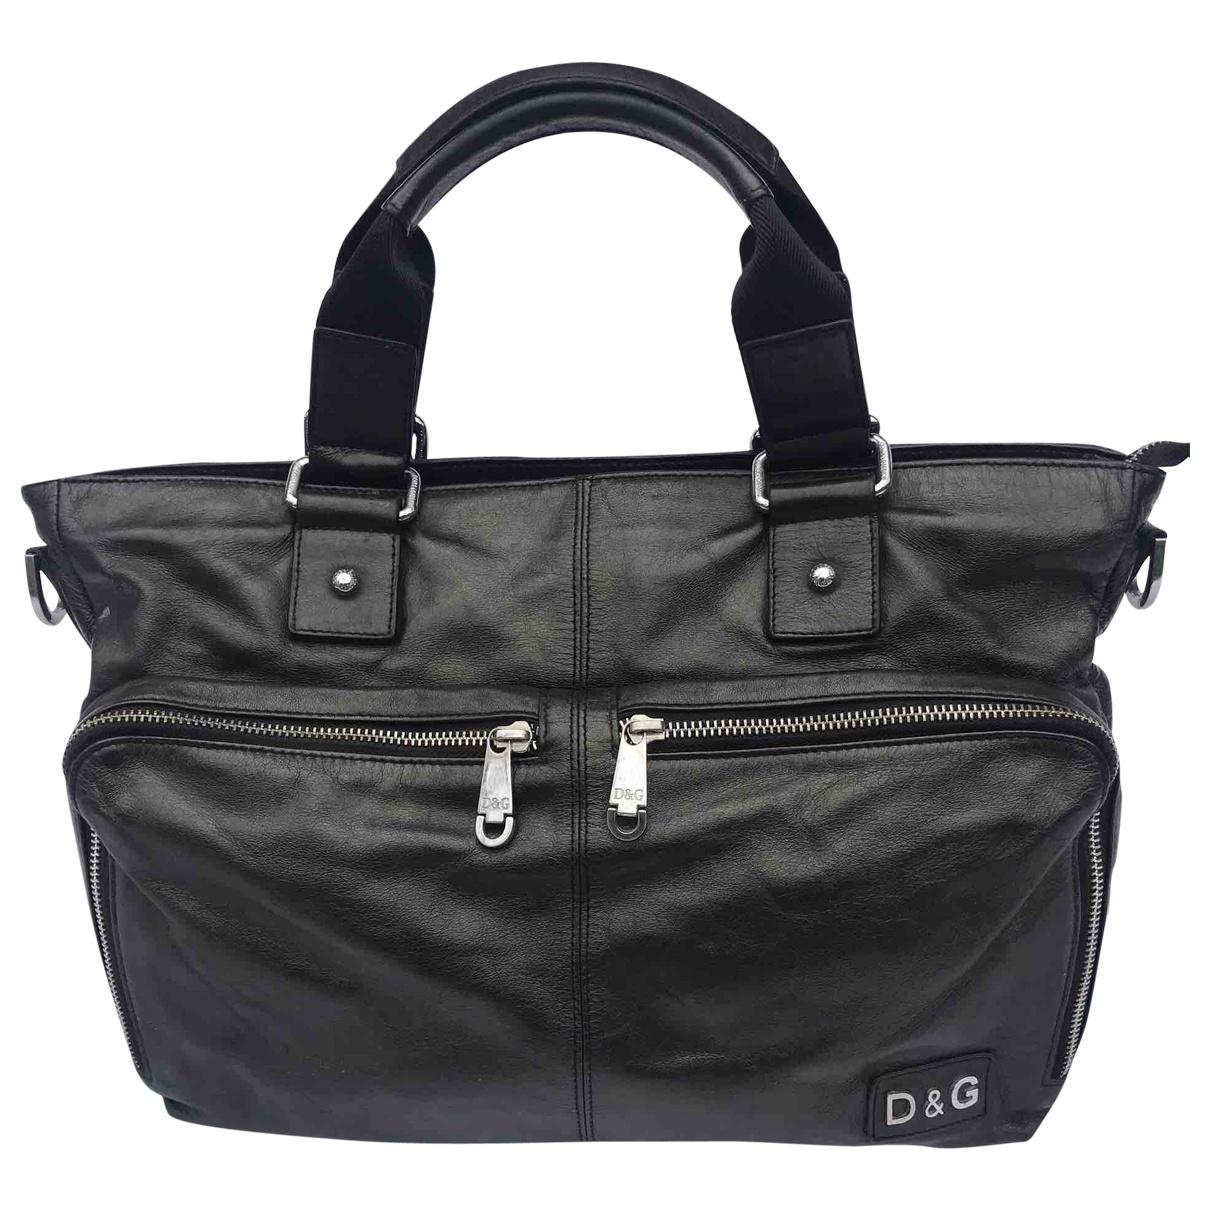 D&g \N Black Leather bag for Men \N